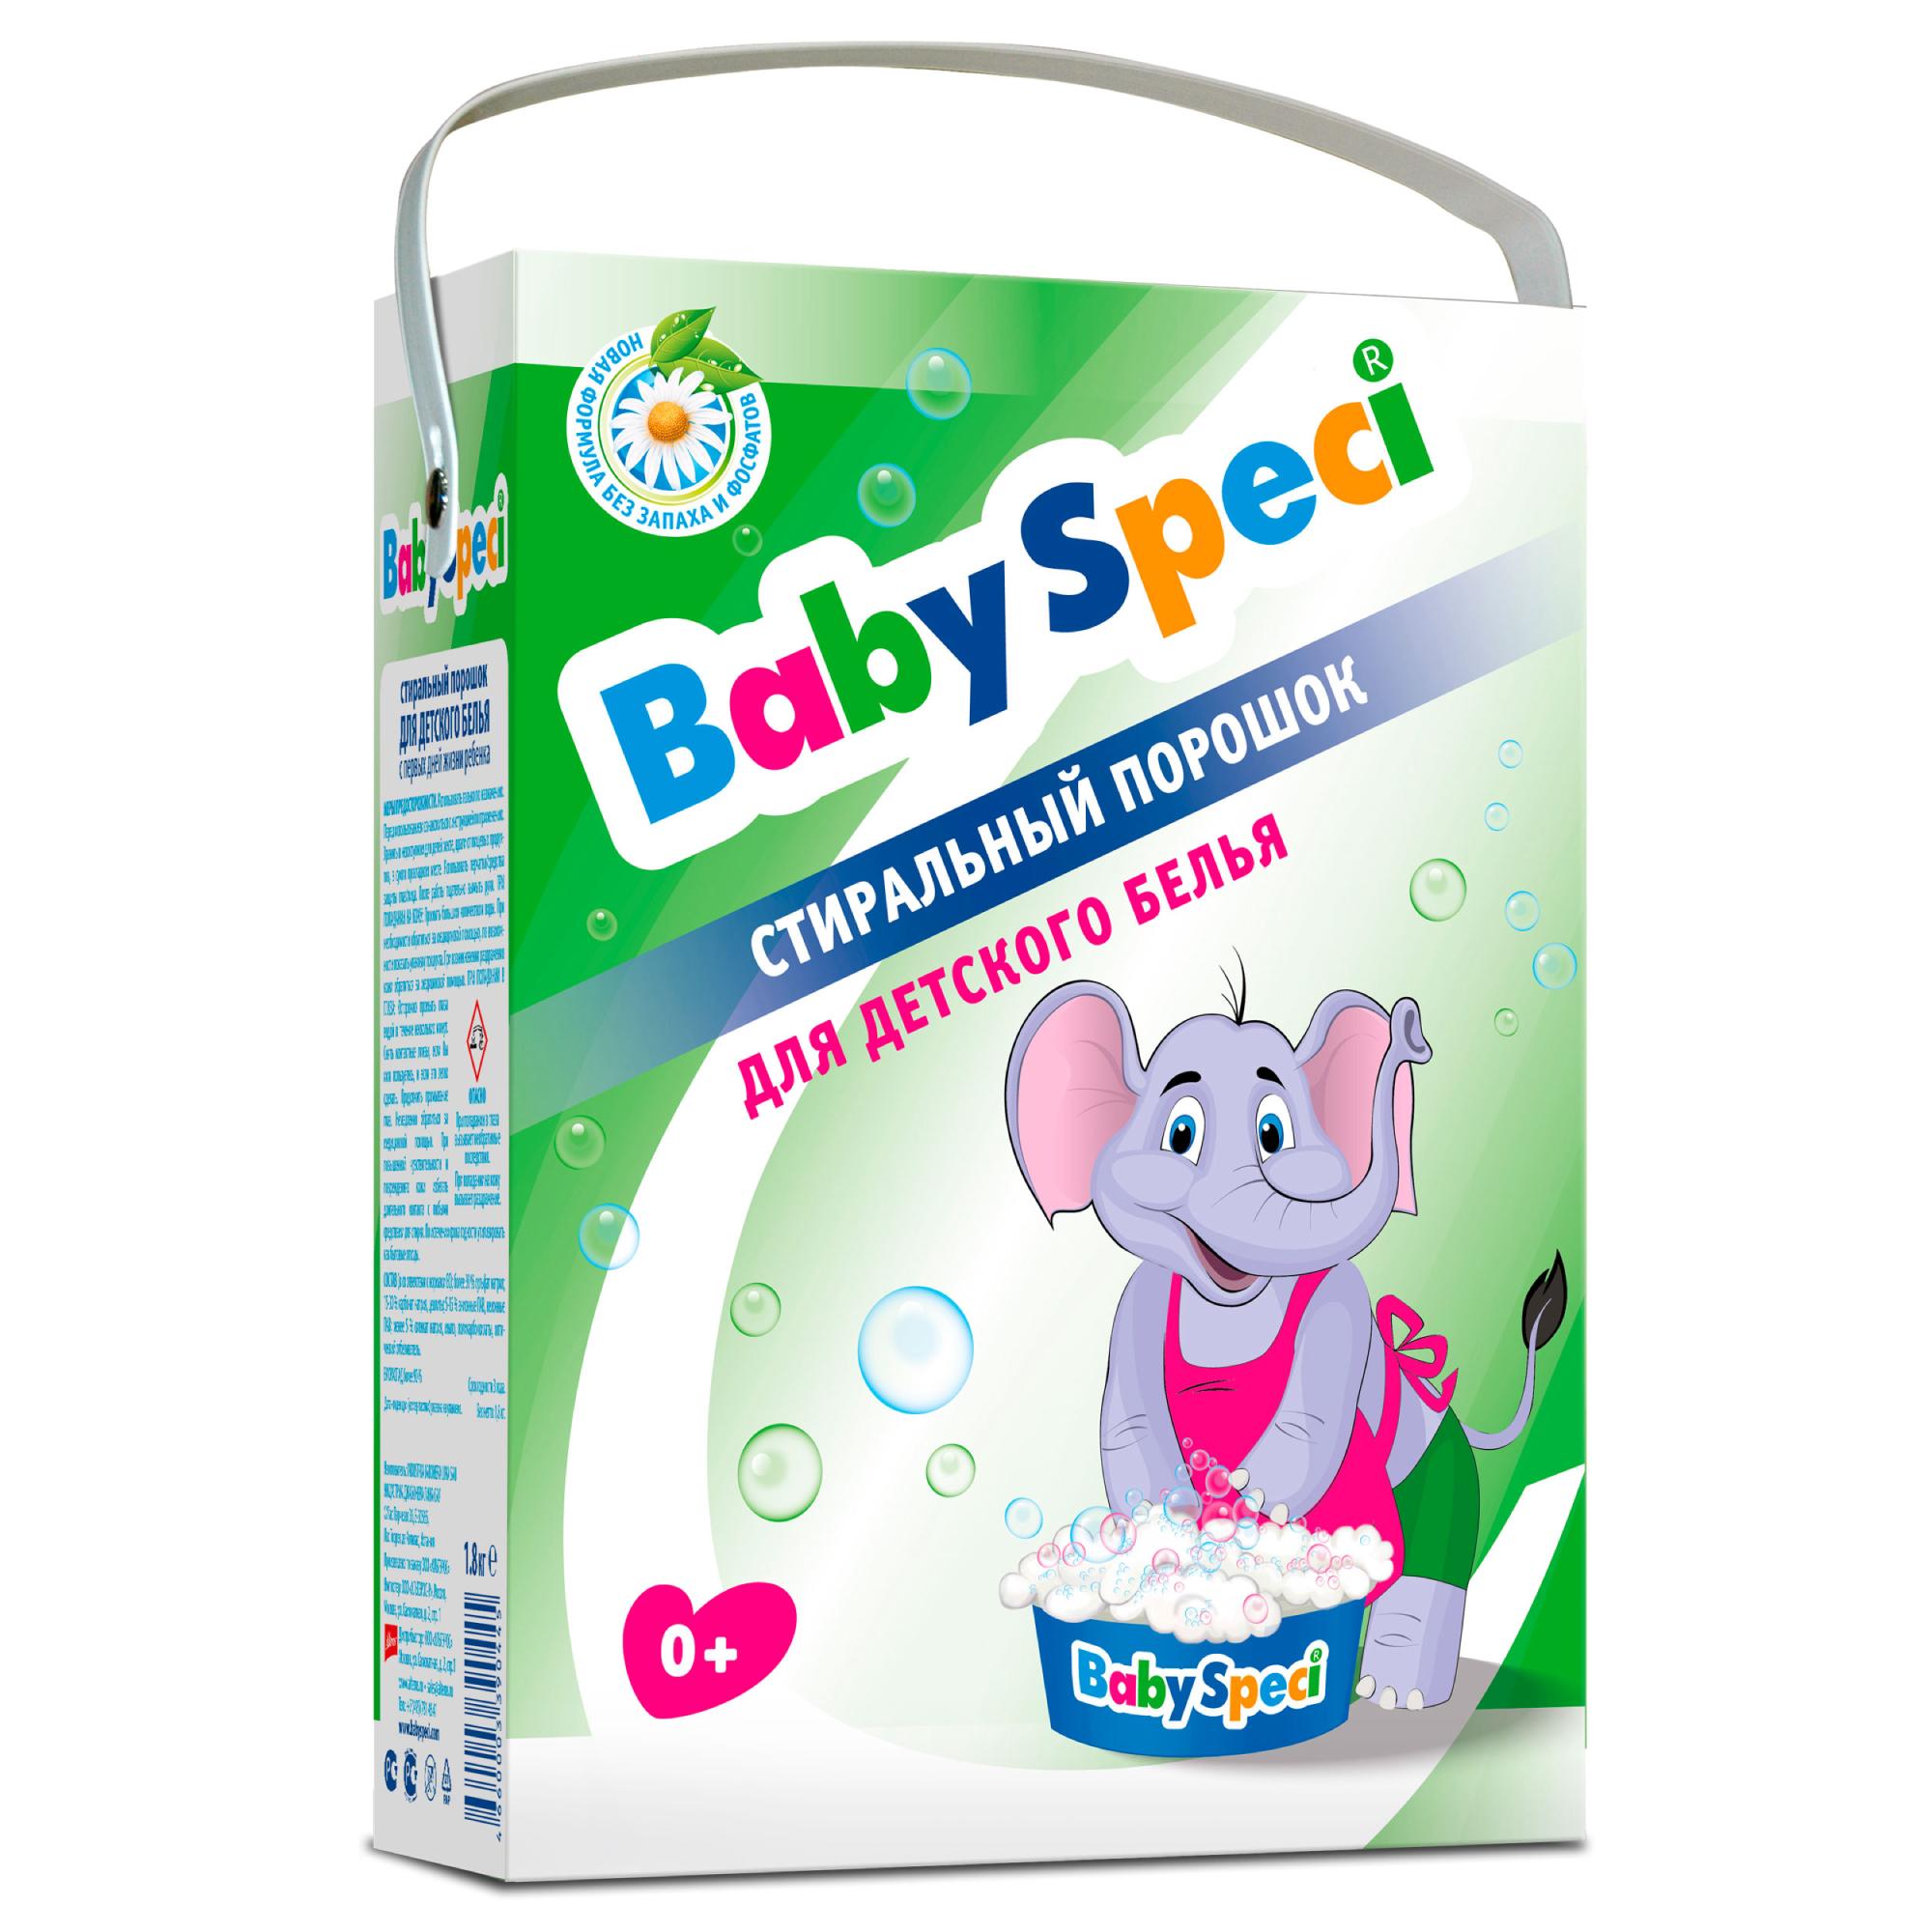 Стиральный порошок для детского белья BabySpeci 1.8 кг